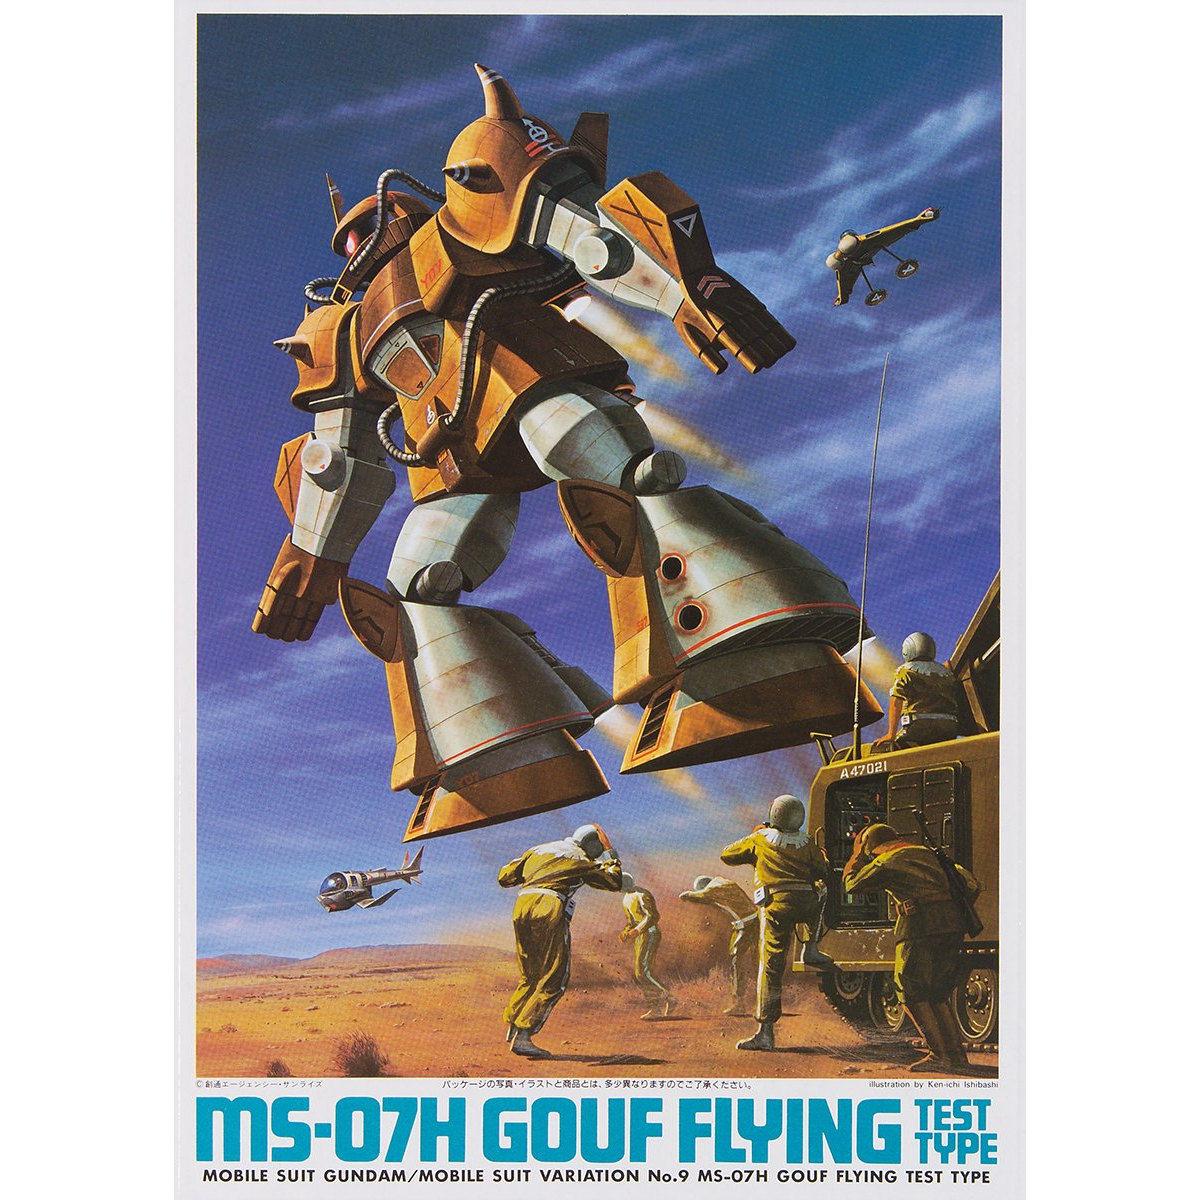 グフ 飛行 試験 型